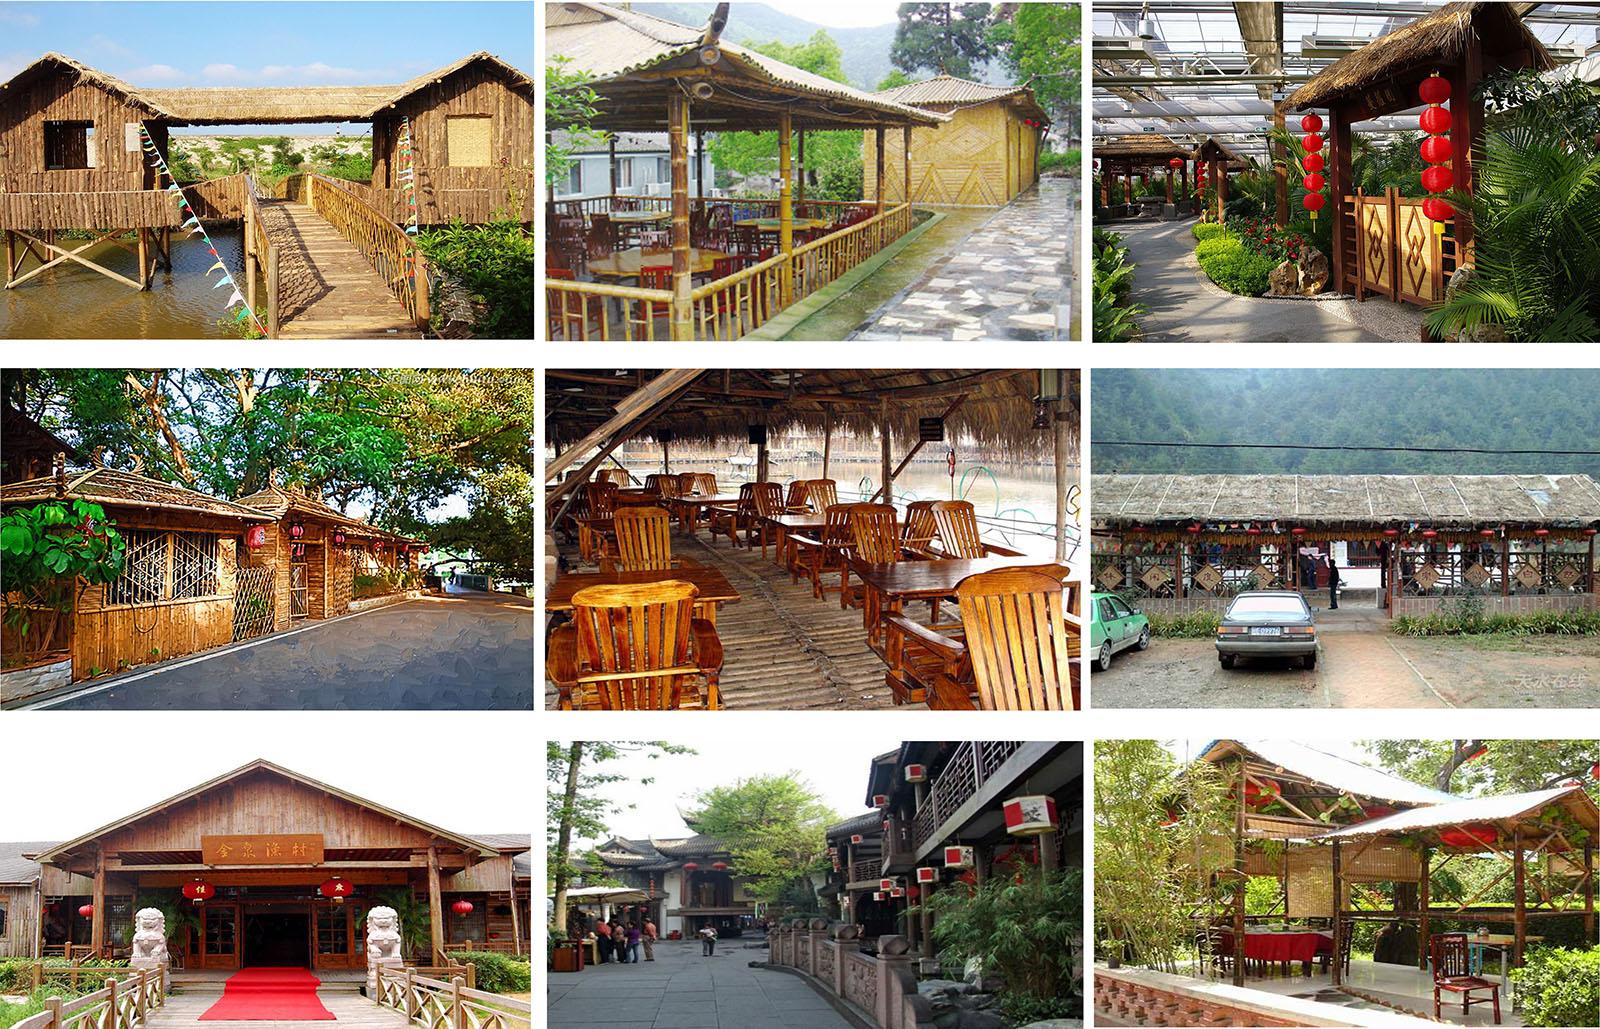 云南安宁佳禾休闲生态庄园景观工程庄园的接待及餐饮住宿